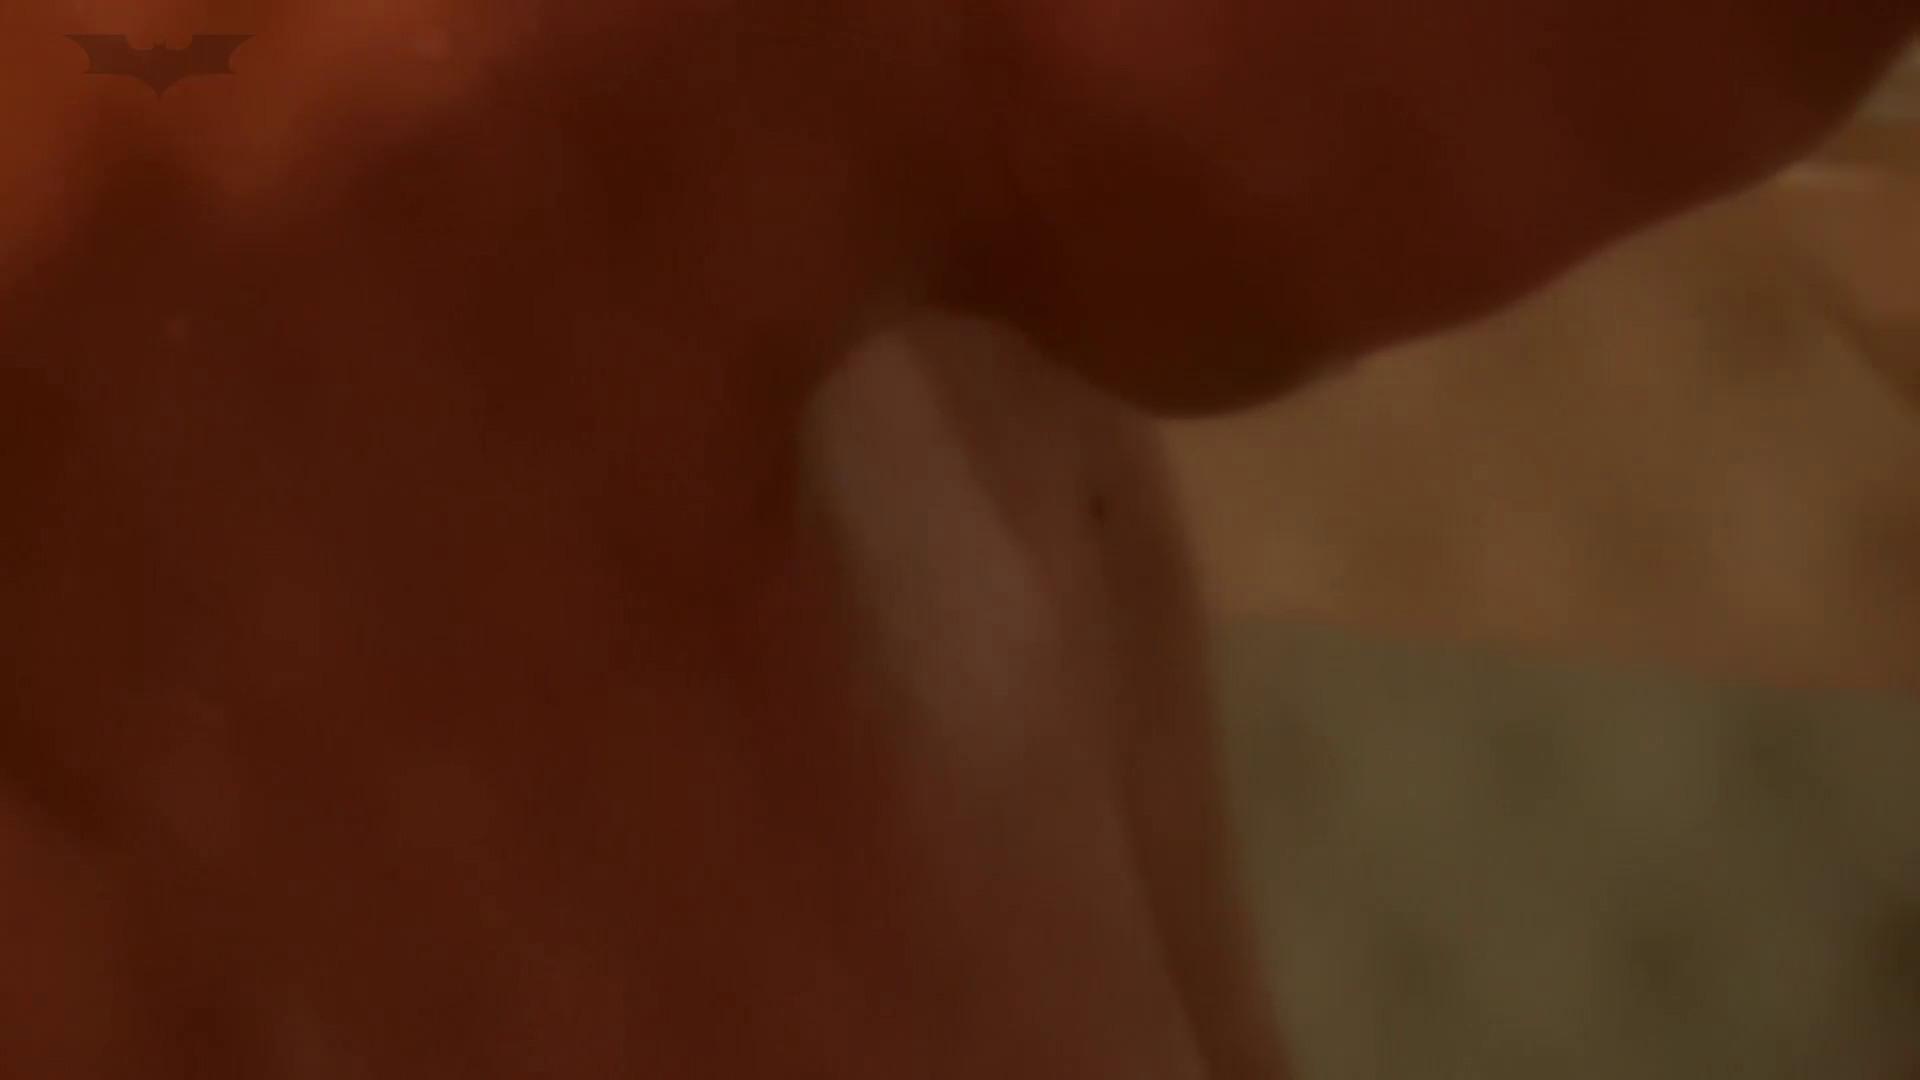 *華の女子寮ノゾキ* vol.04 陸上系?就活中のお女市さんJD 女子寮 すけべAV動画紹介 74pic 50